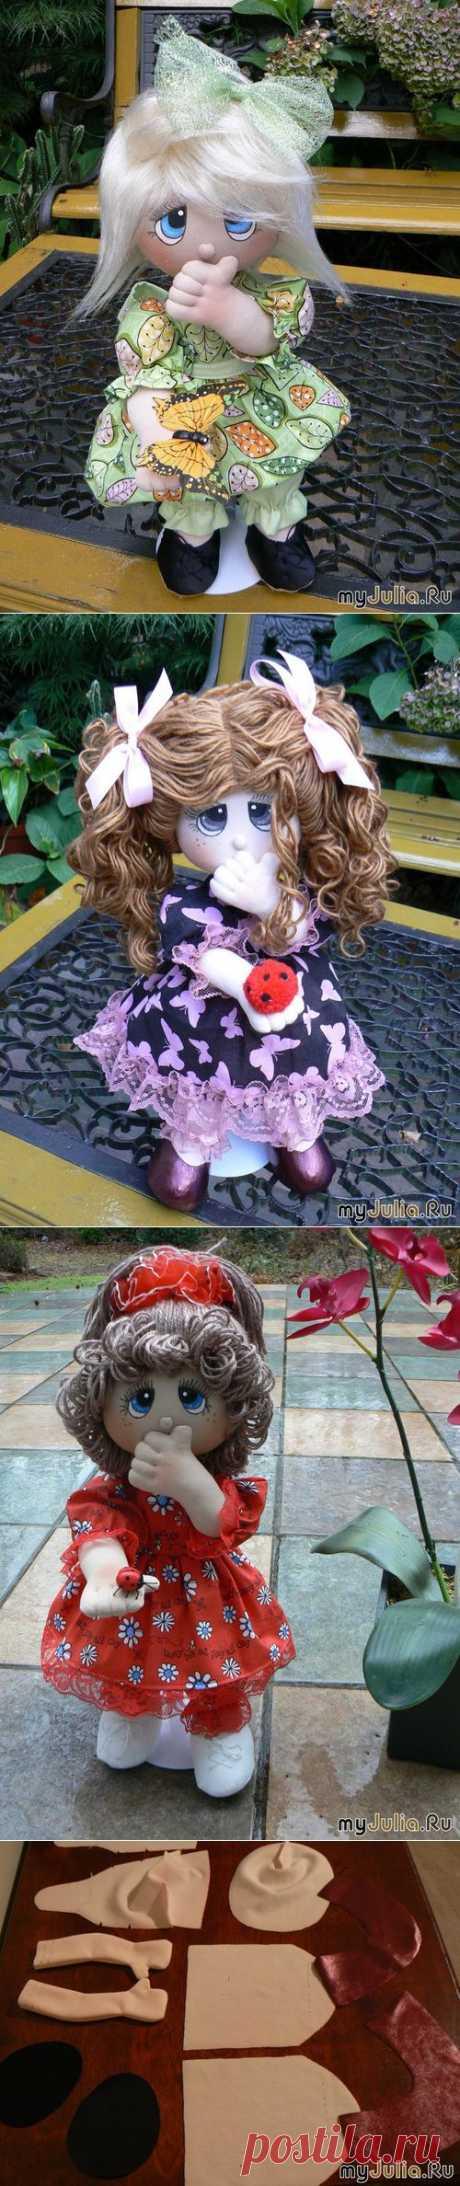 """Мастер-класс по текстильной куколке """"Precious Moments""""."""